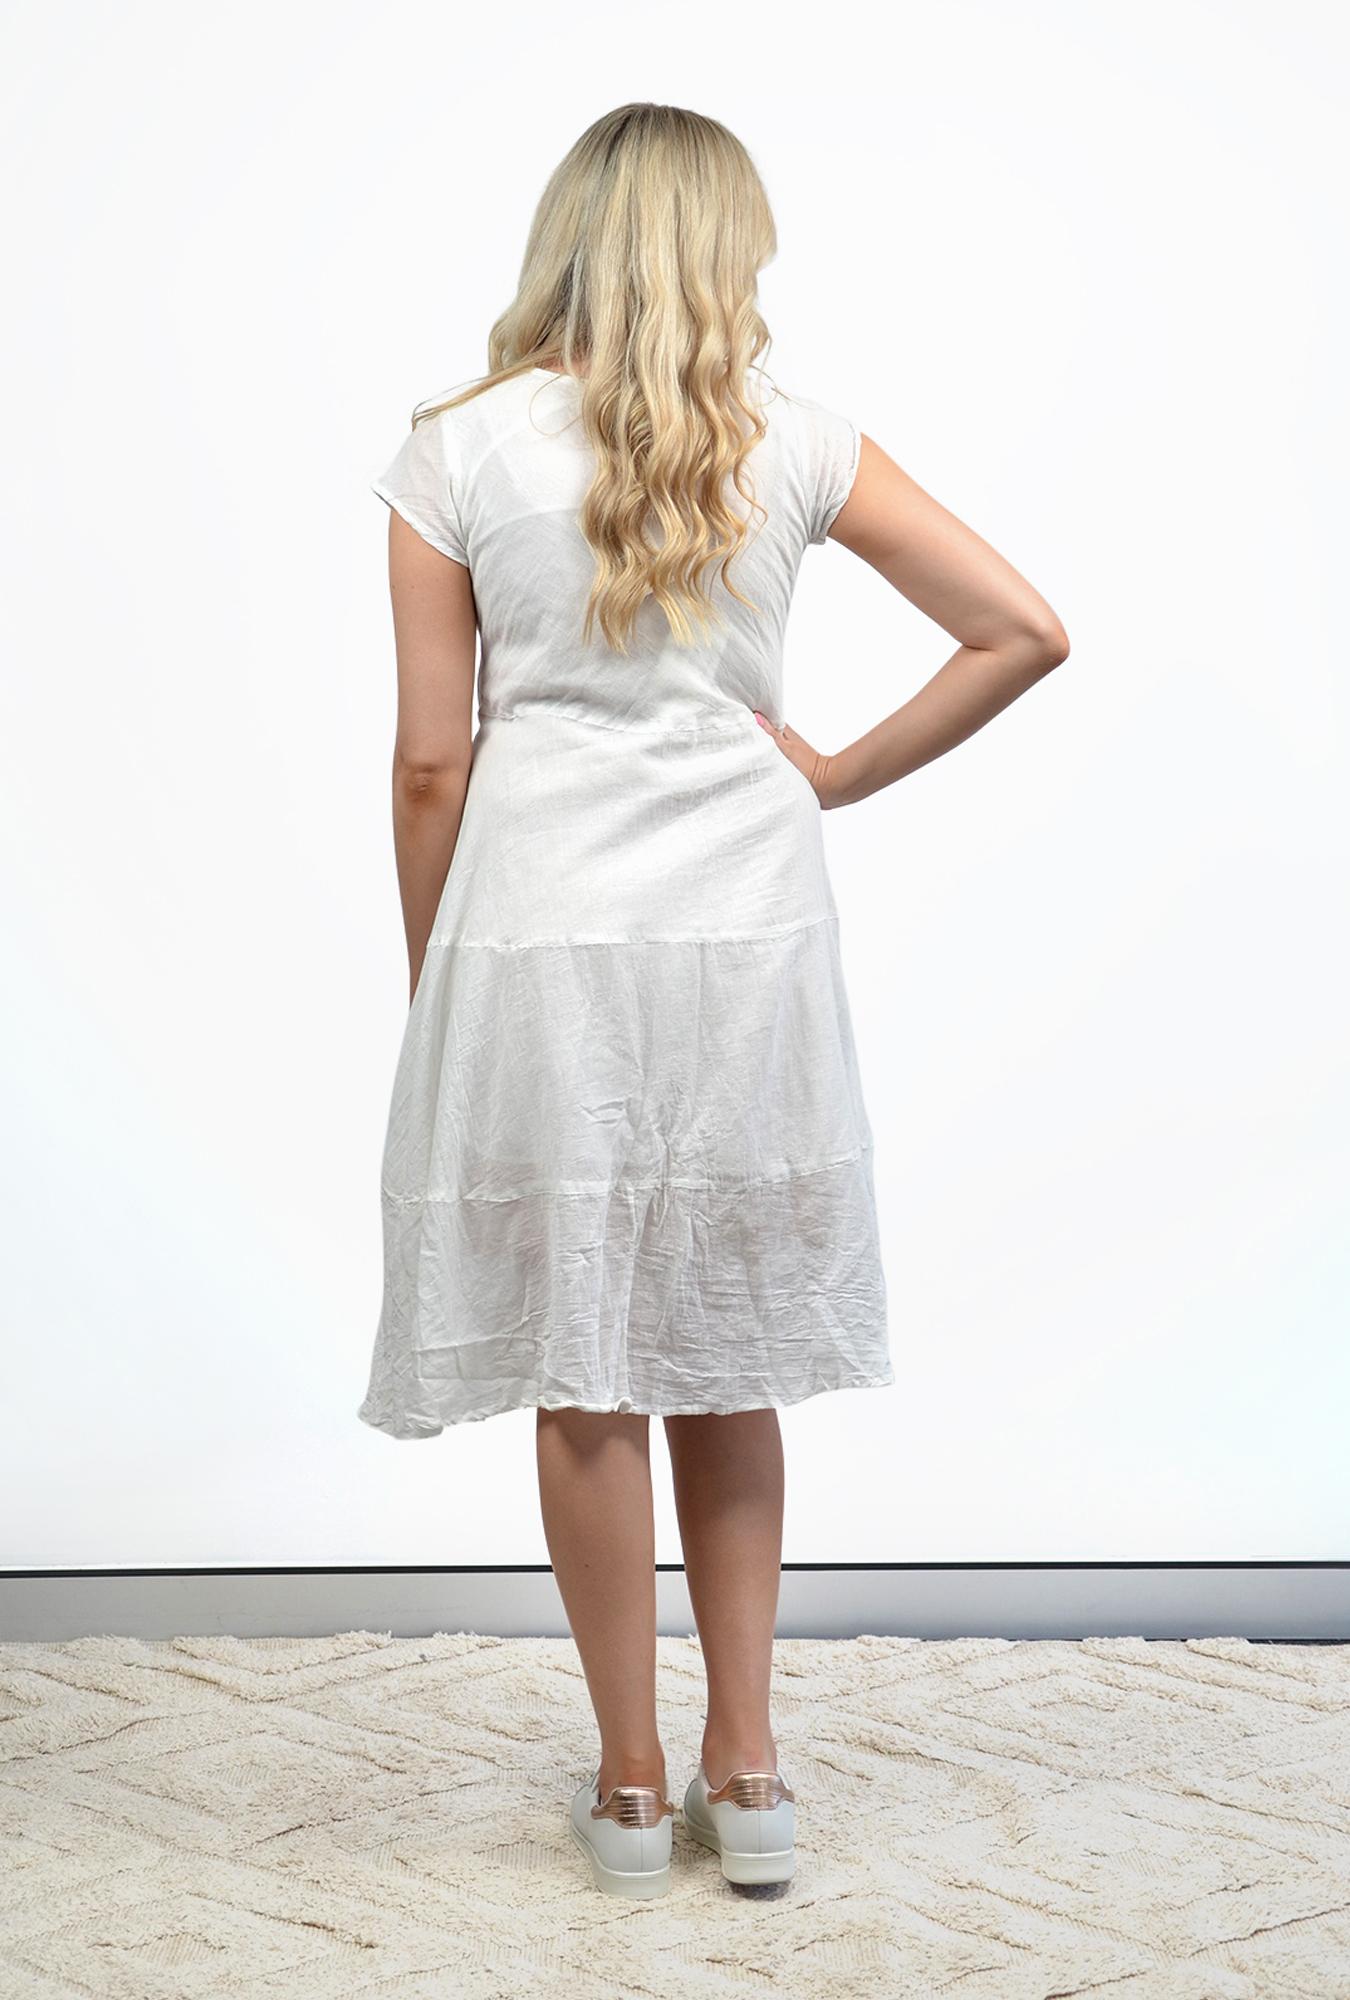 Vivi dress in White